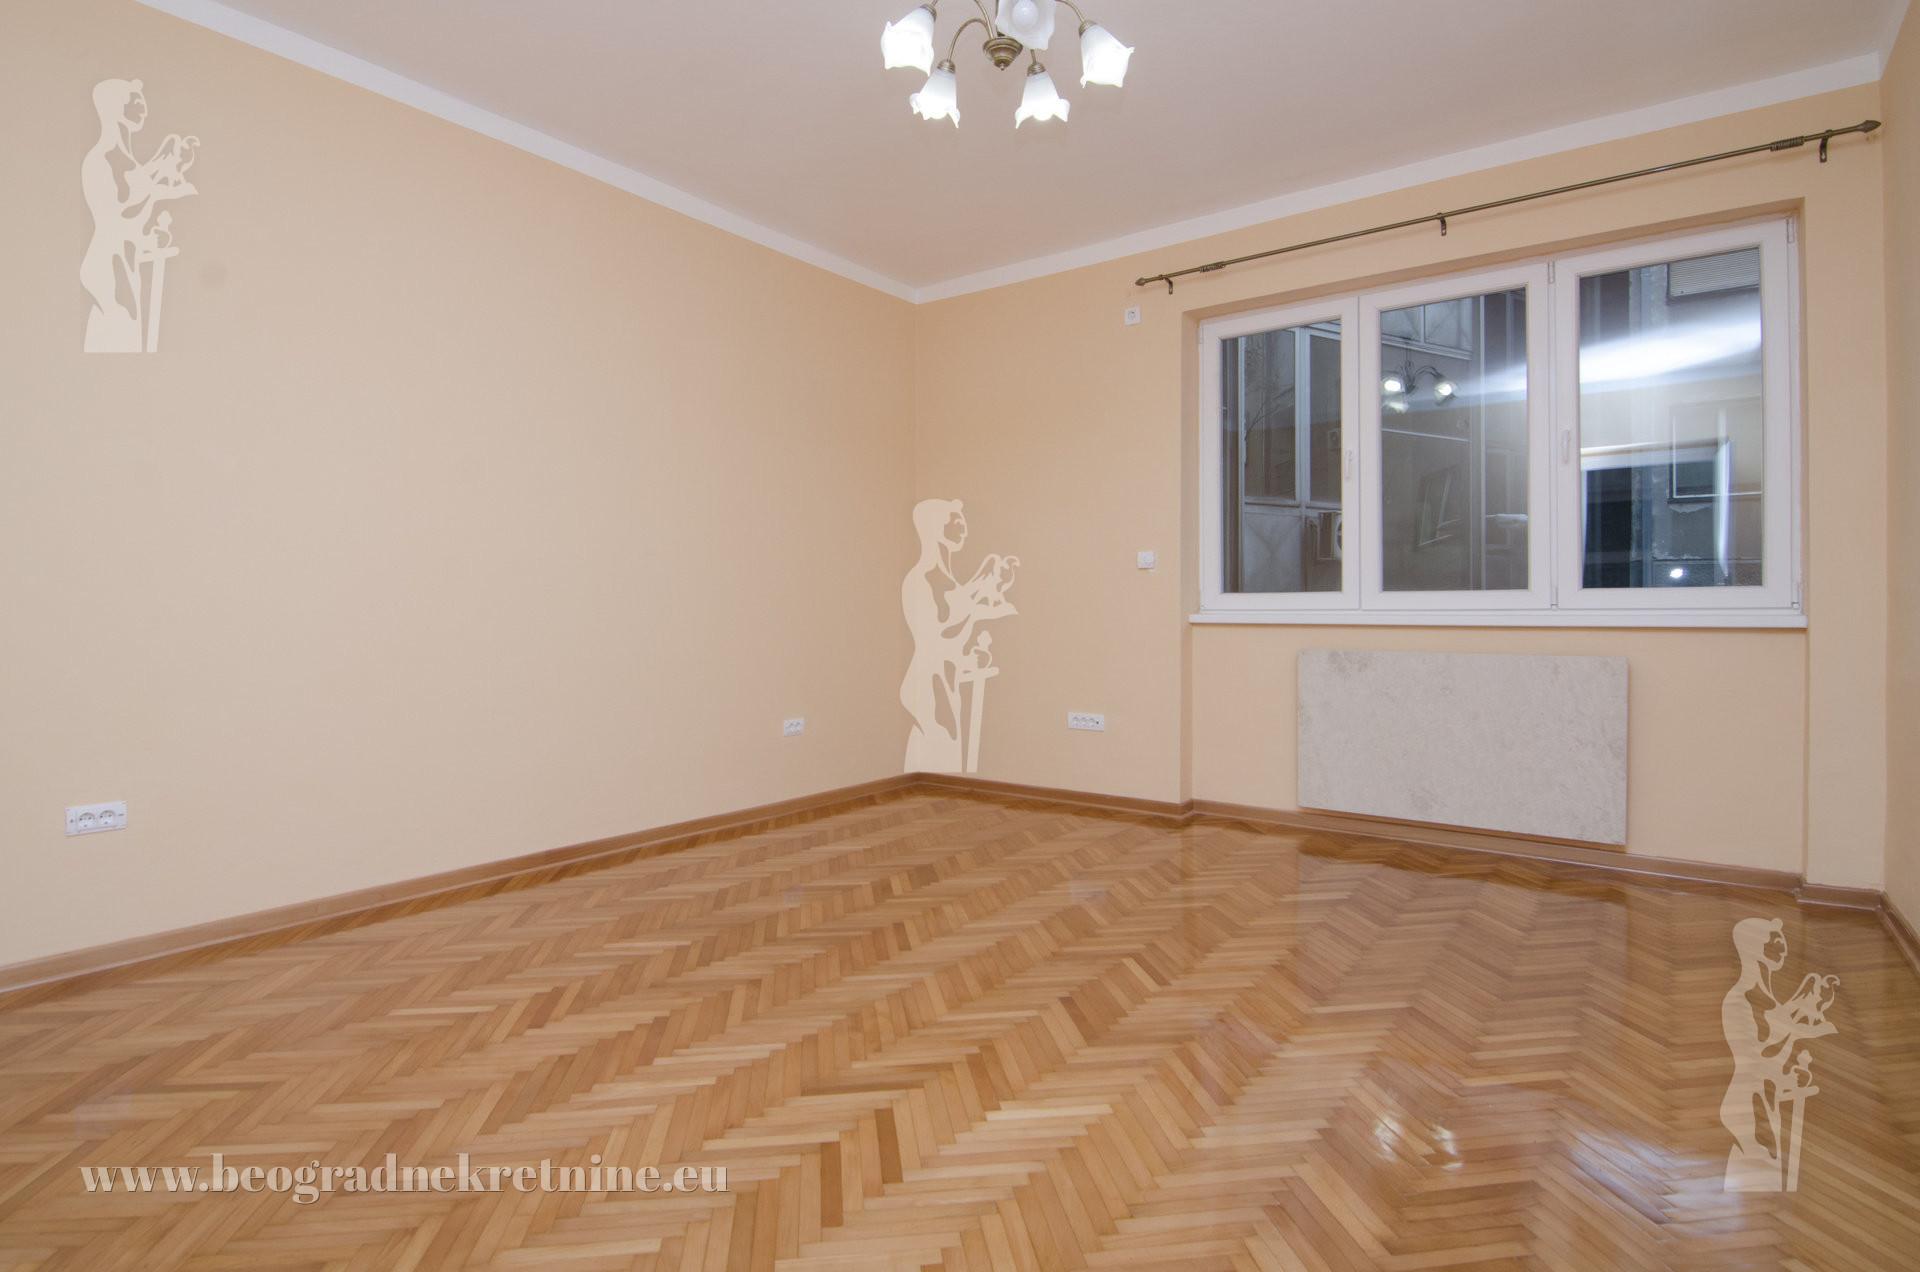 Kompletno renoviran stan na odličnoj lokaciji